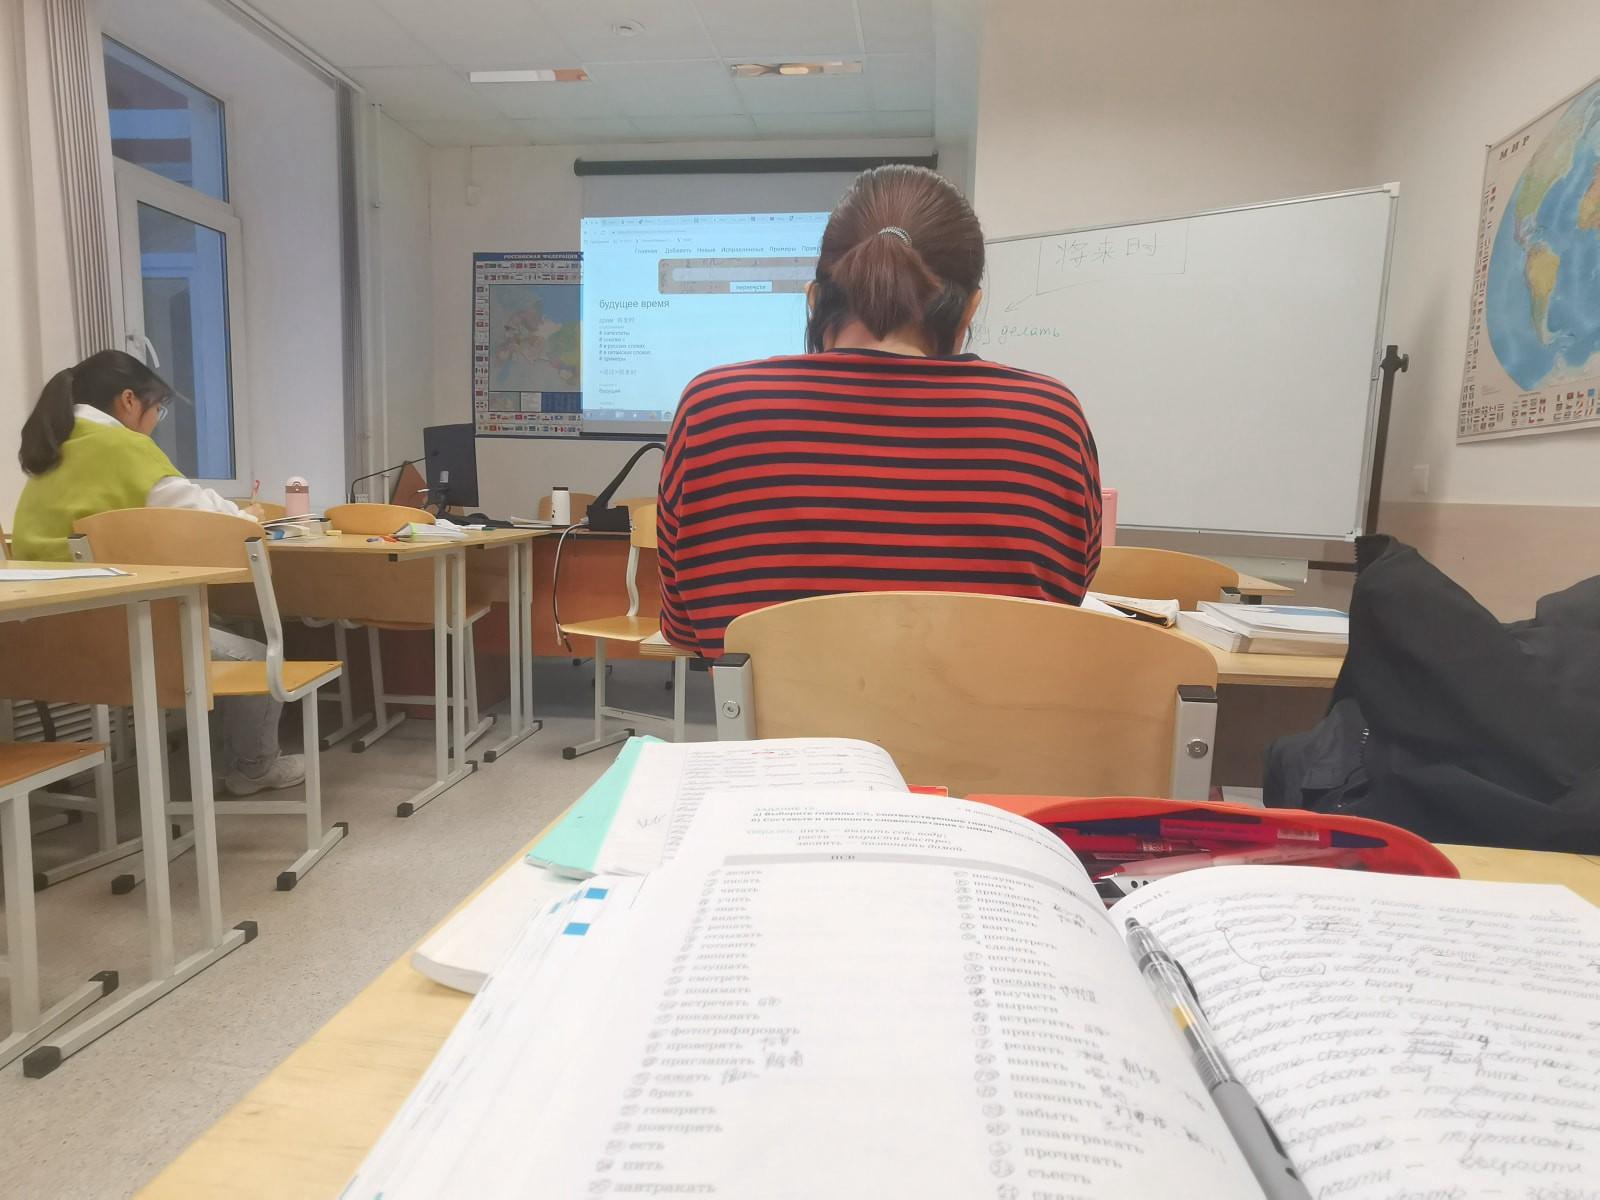 去年学生12月的预科上课实况|俄罗斯留学预科|俄罗斯大学预科学习